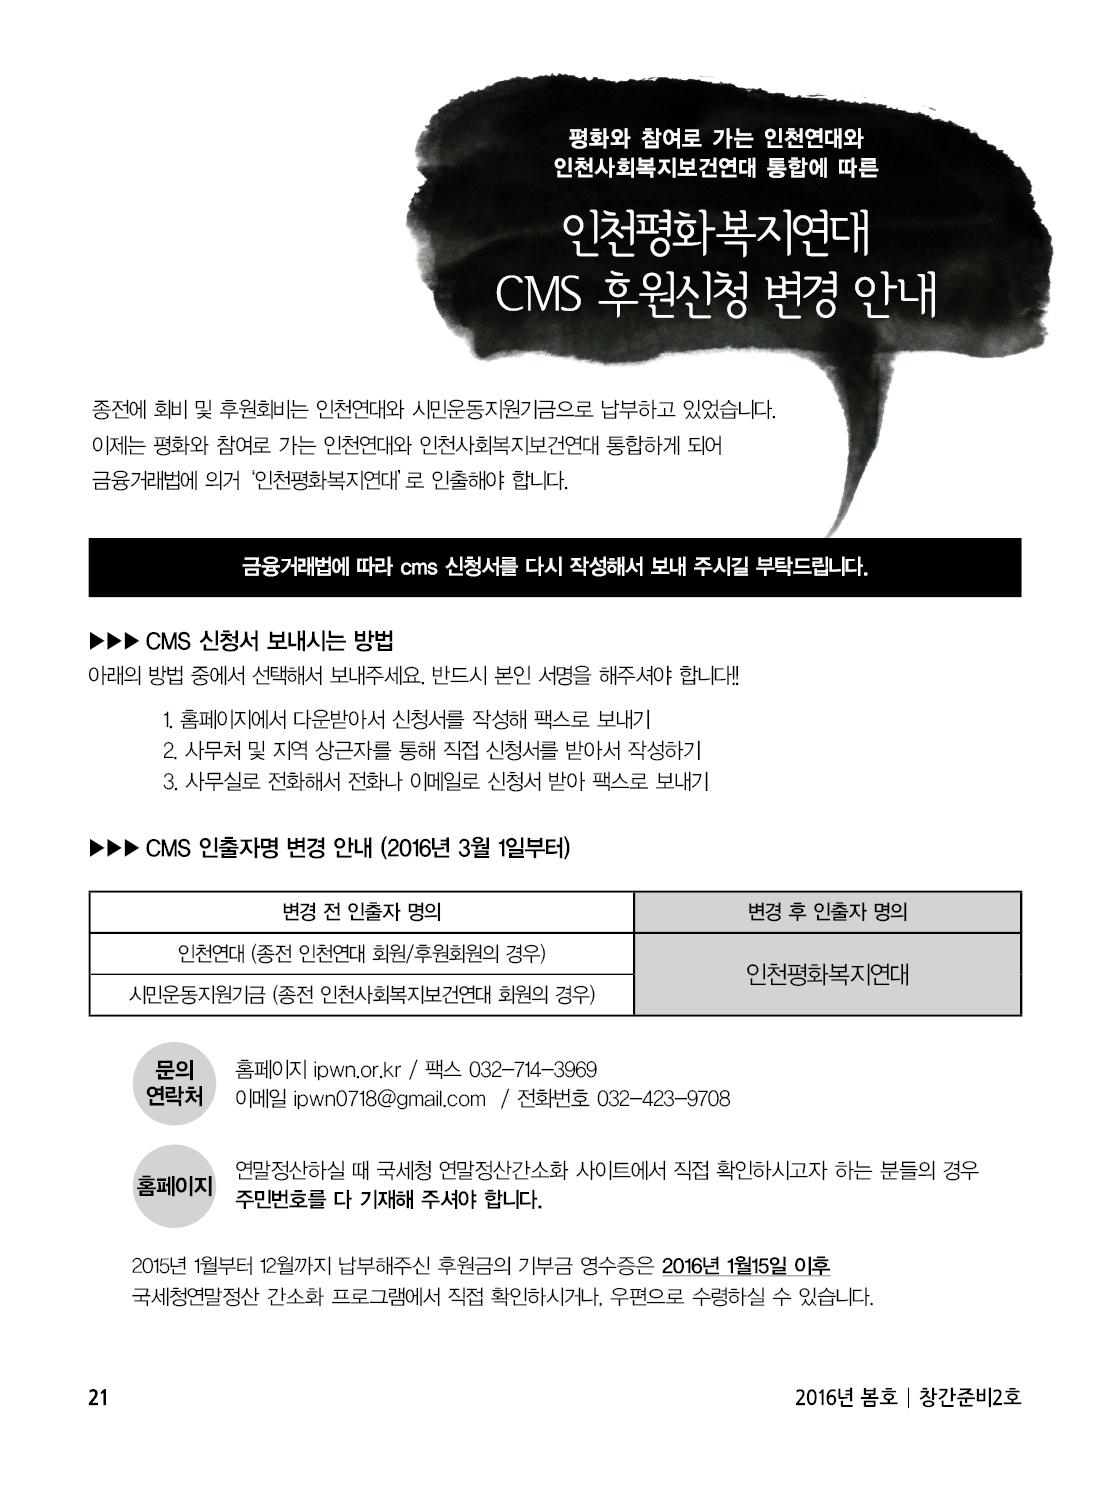 아웃라인 인천평화복지연대 창간준비2호21.jpg